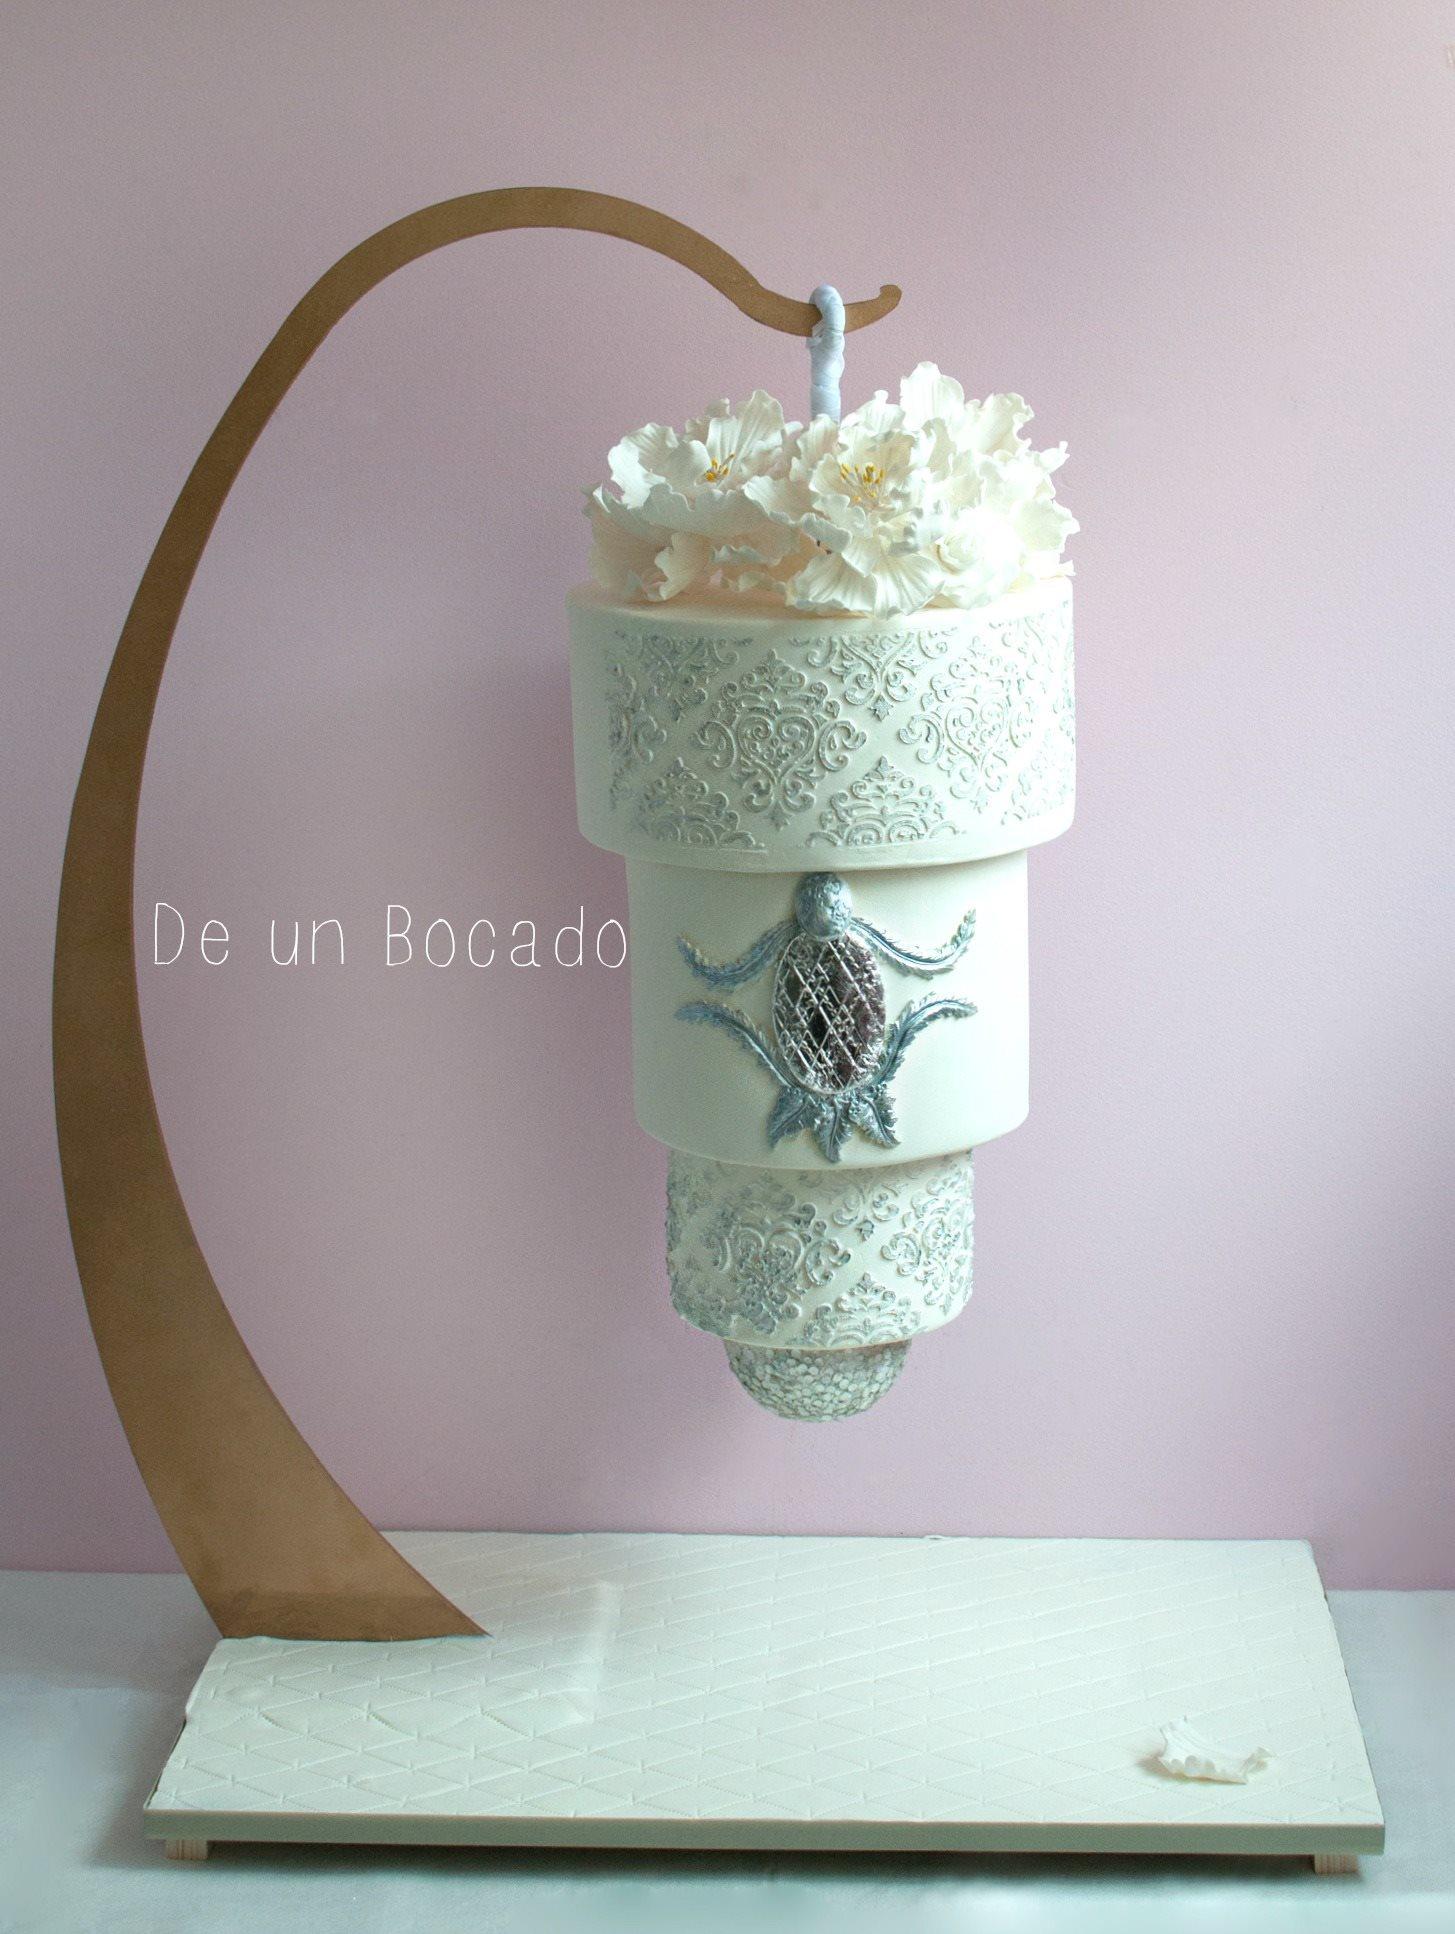 Upside down hanging wedding cake